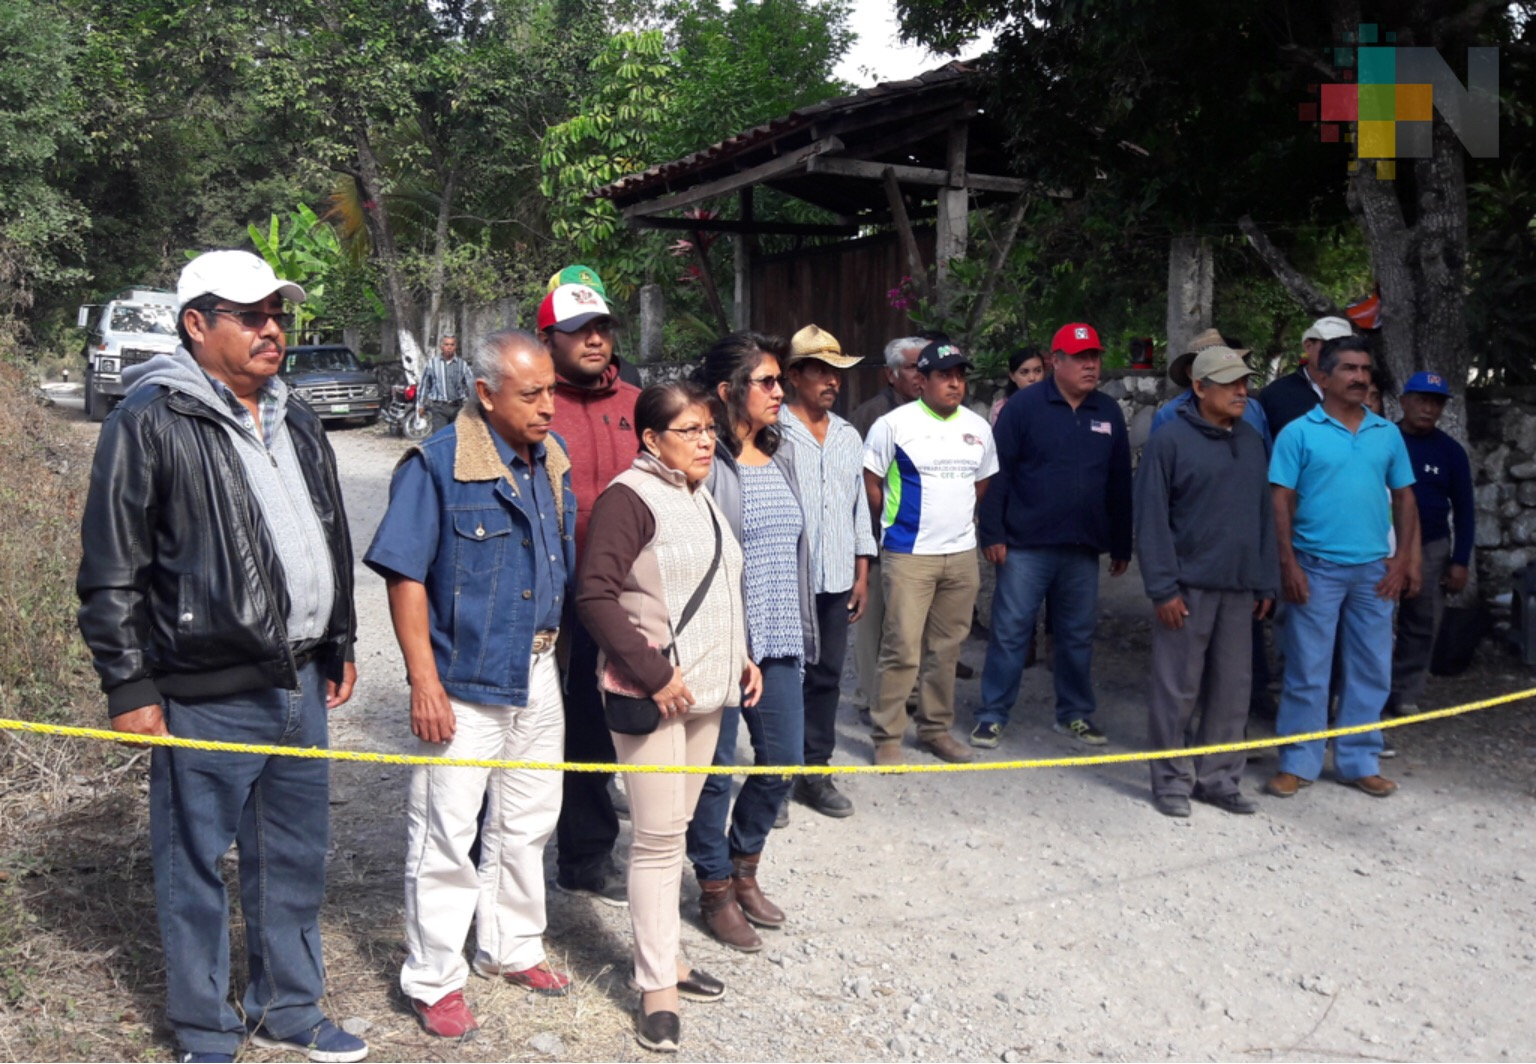 Habitantes de Apazapan bloquean accesos a cementera Moctezuma por incumplir acuerdos